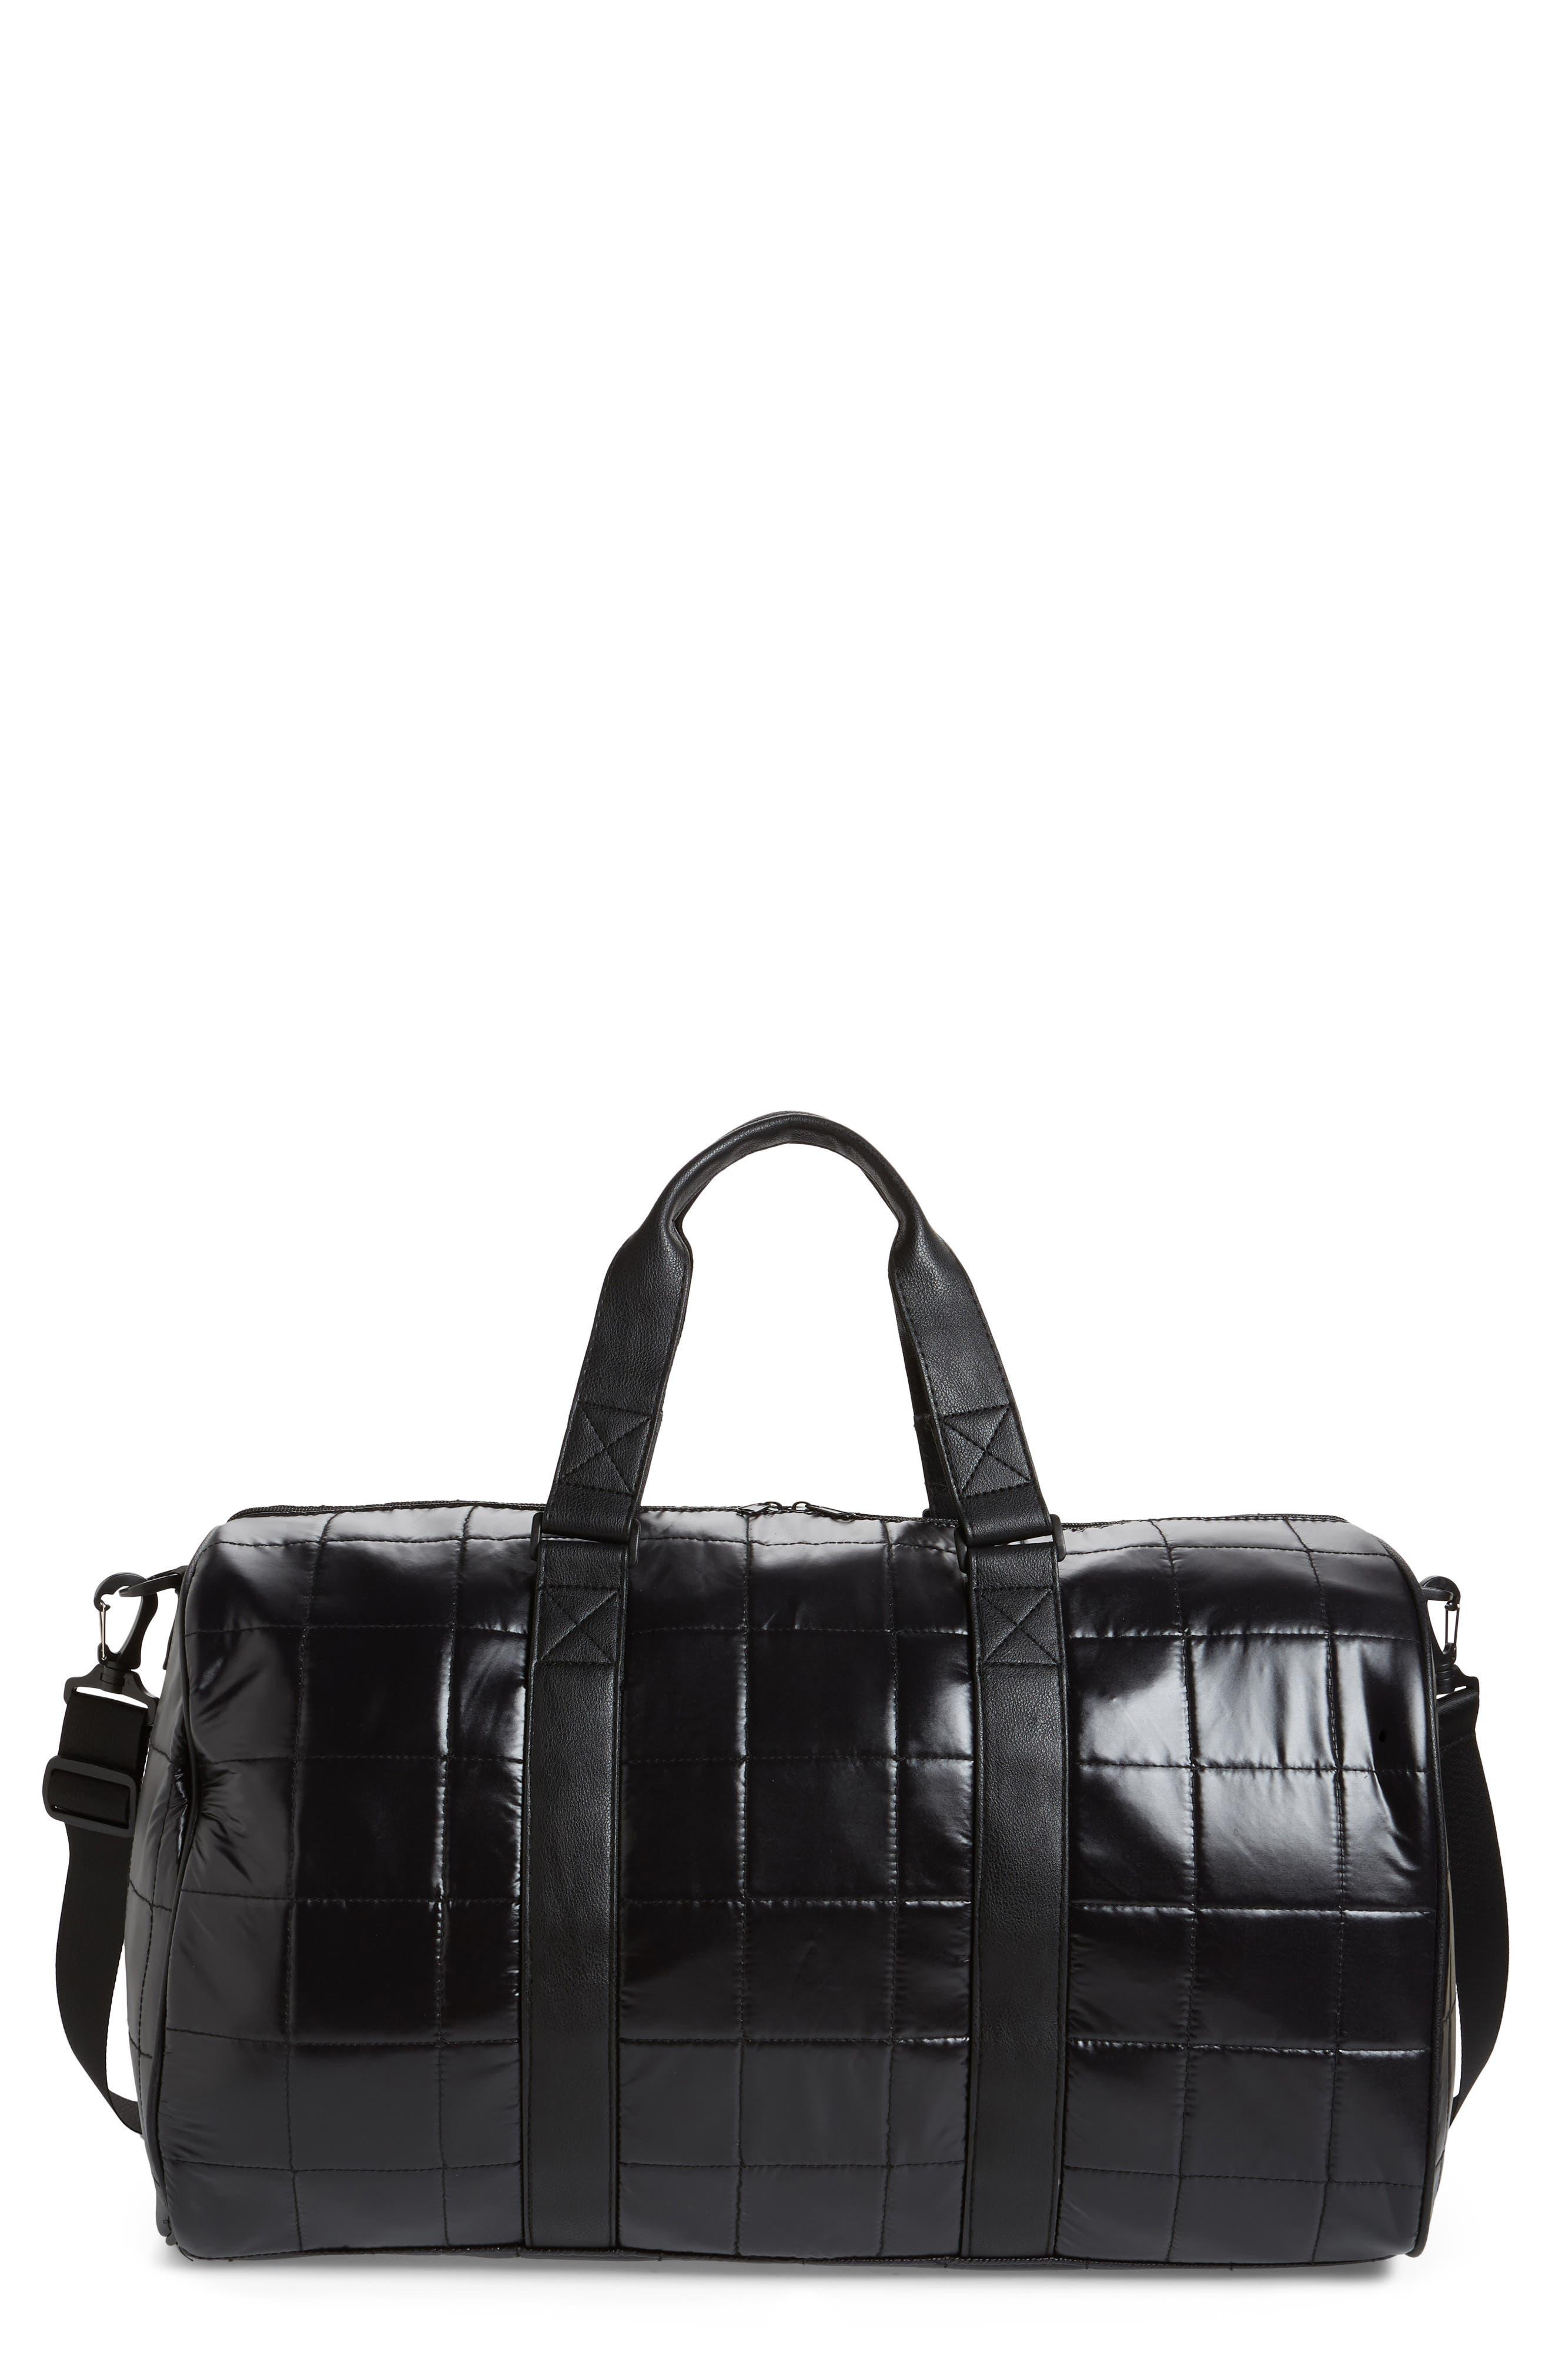 Puffer Duffel Bag,                         Main,                         color, Black